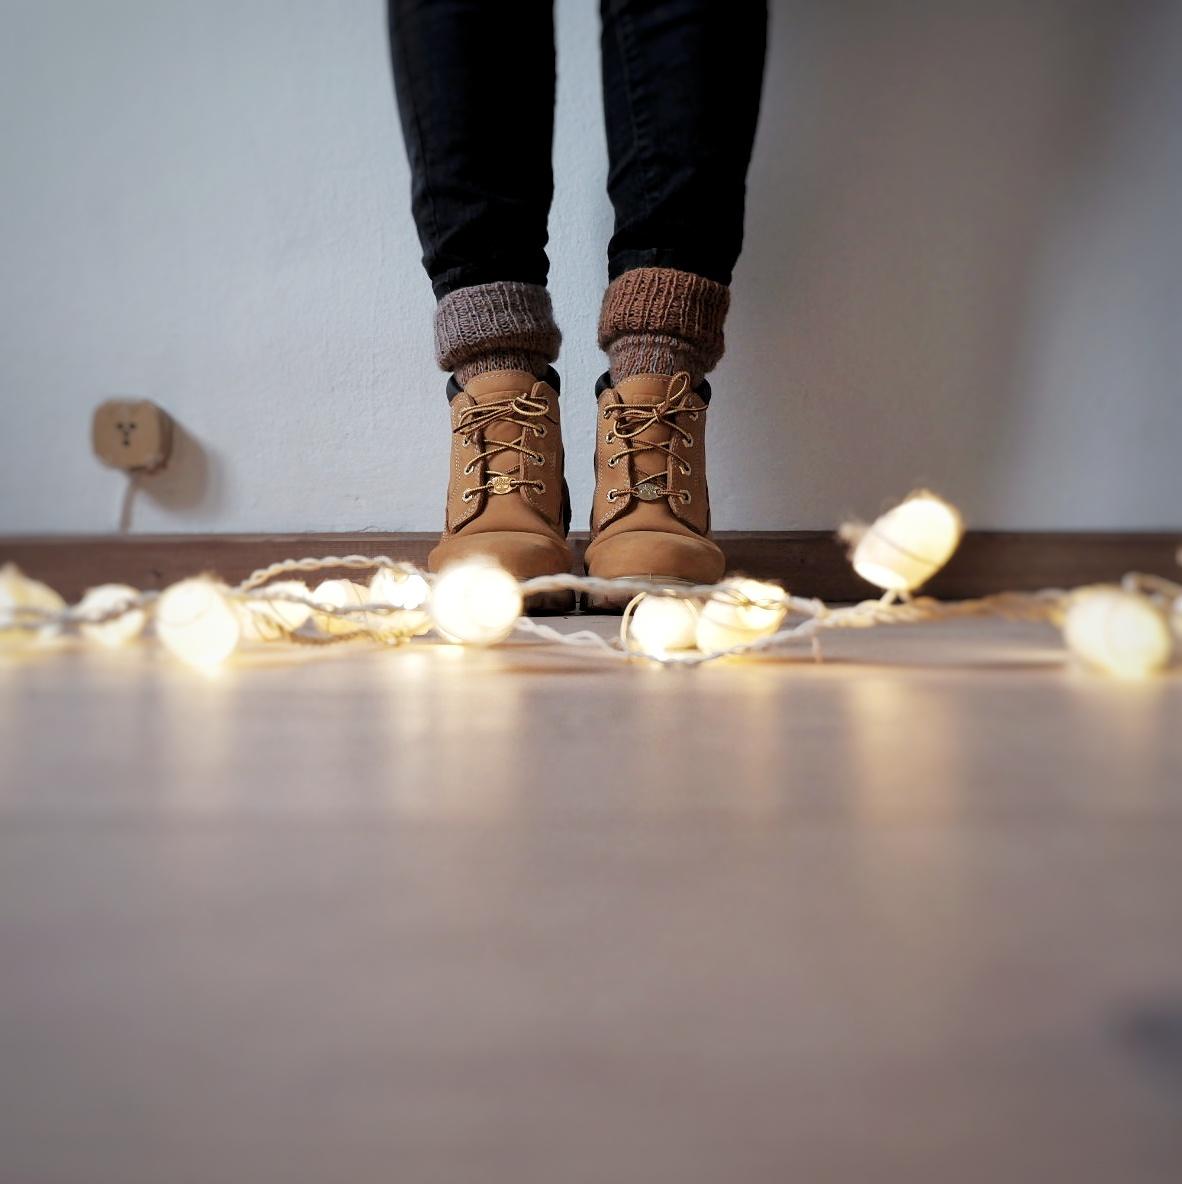 One of my favourite things to wear in Winter times: woolen socks with boots.  Una delle mie cose preferite da indossare in inverno: calze di lana e scarponi.